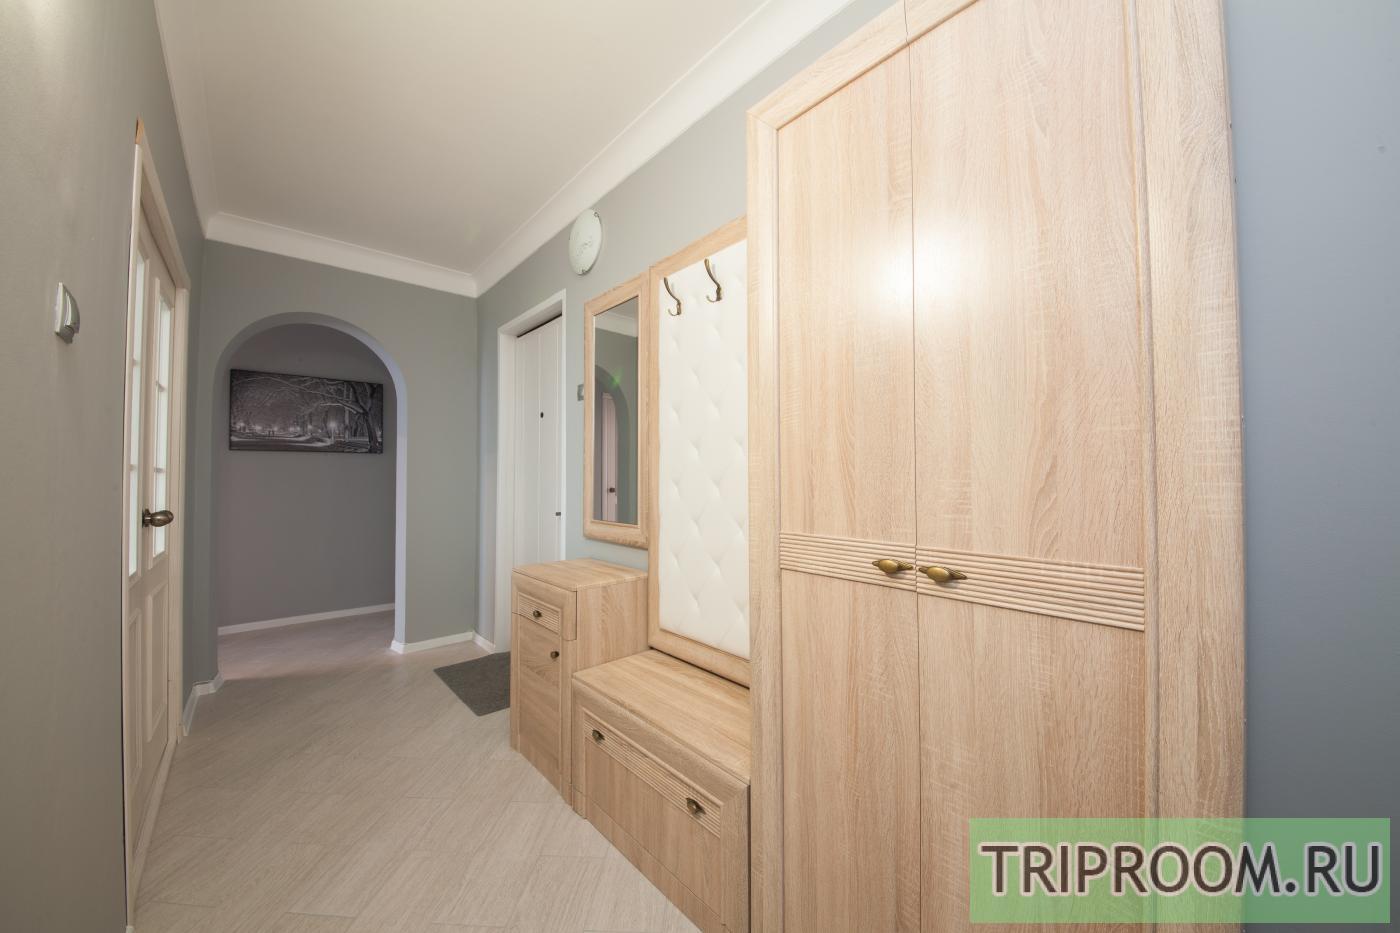 1-комнатная квартира посуточно (вариант № 17220), ул. 78 Добровольческой, фото № 8